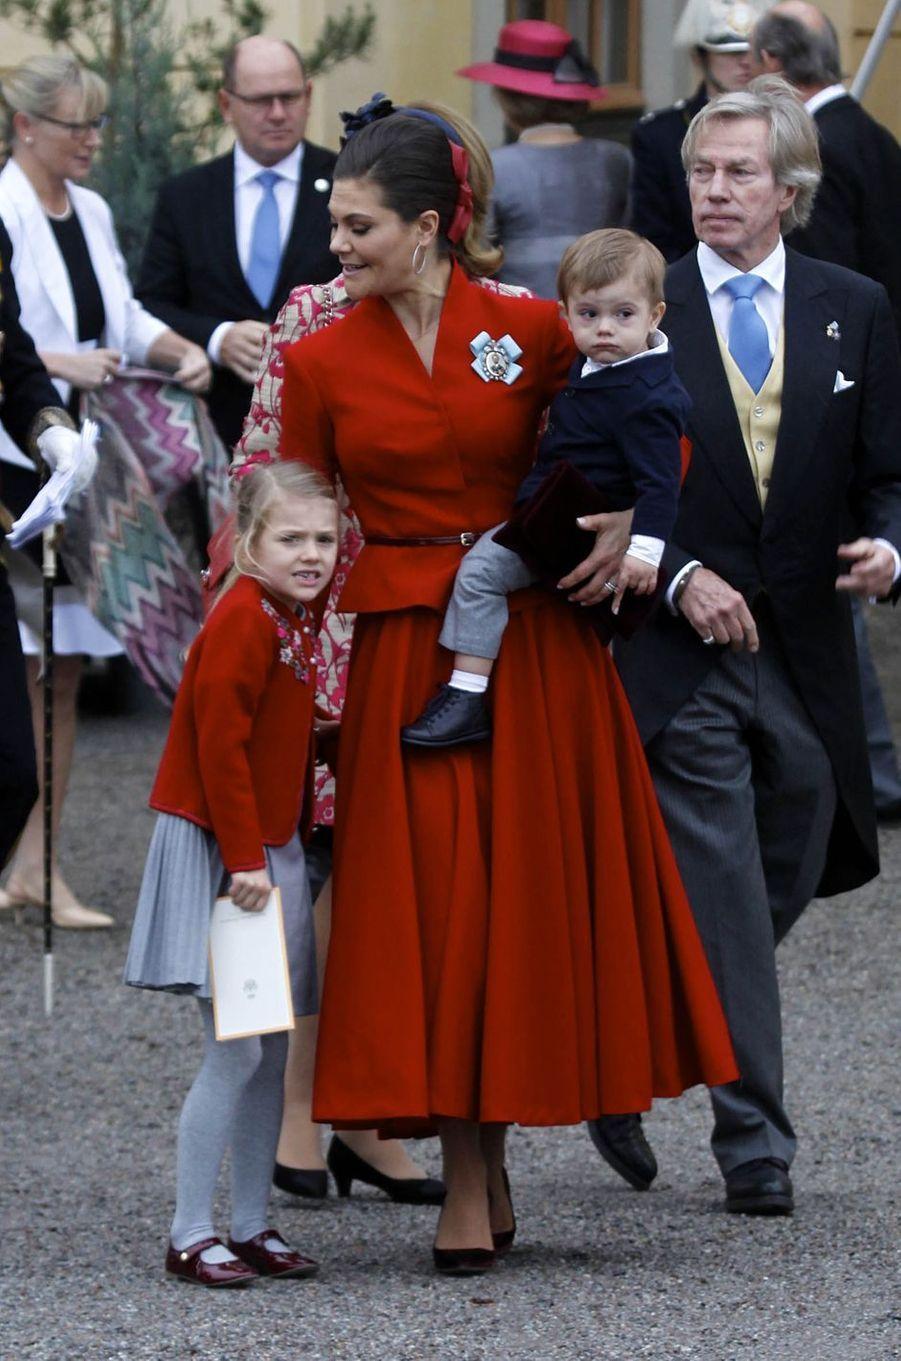 La princesse Victoria de Suède avec ses enfants la princesse Estelle et le prince Oscar à Stockholm, le 1er décembre 2017